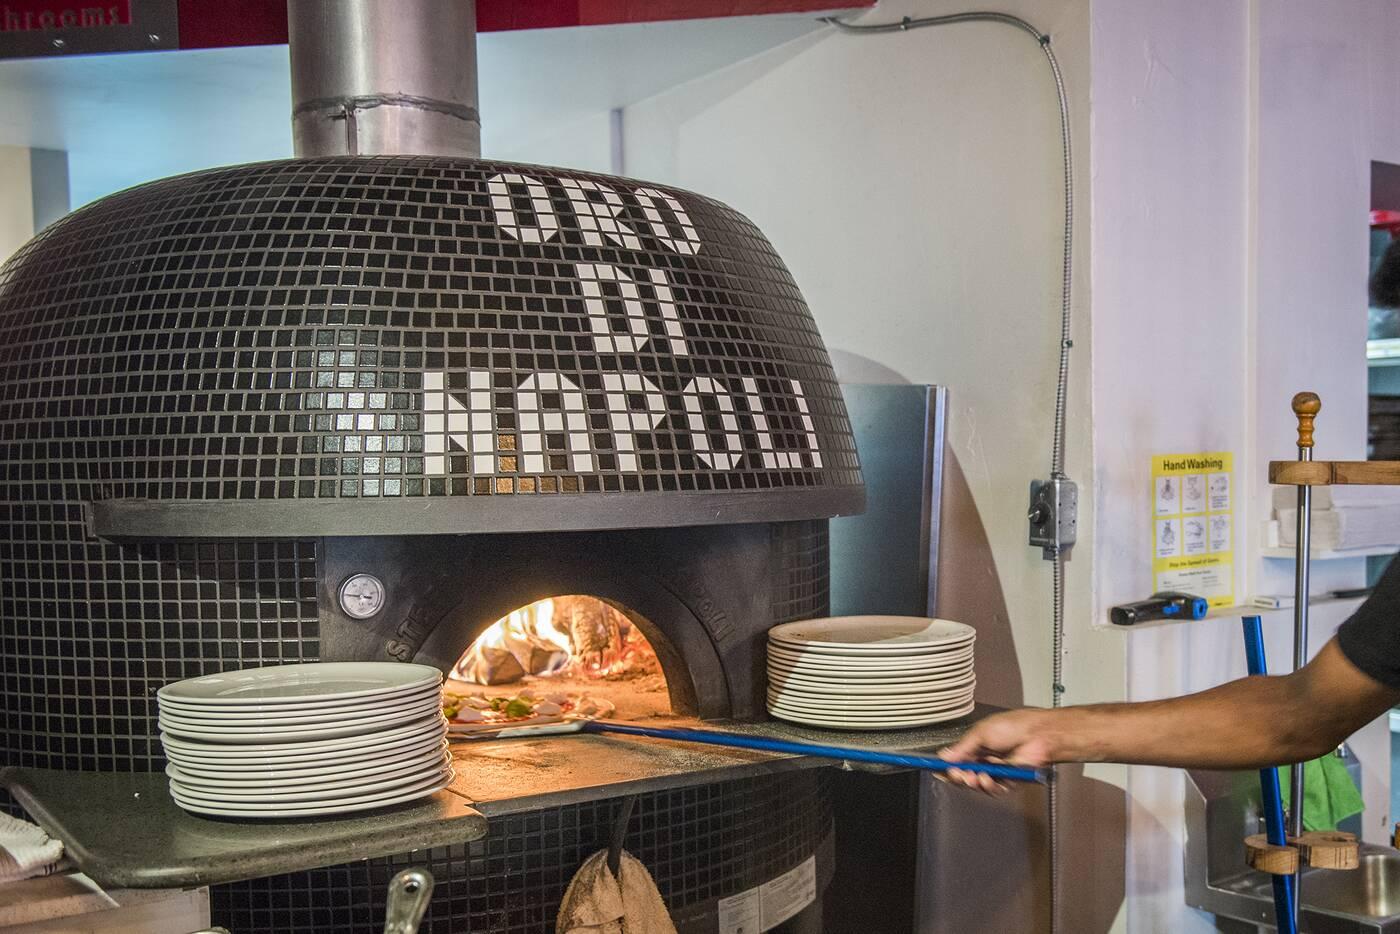 Neapolitan Pizza Toronto